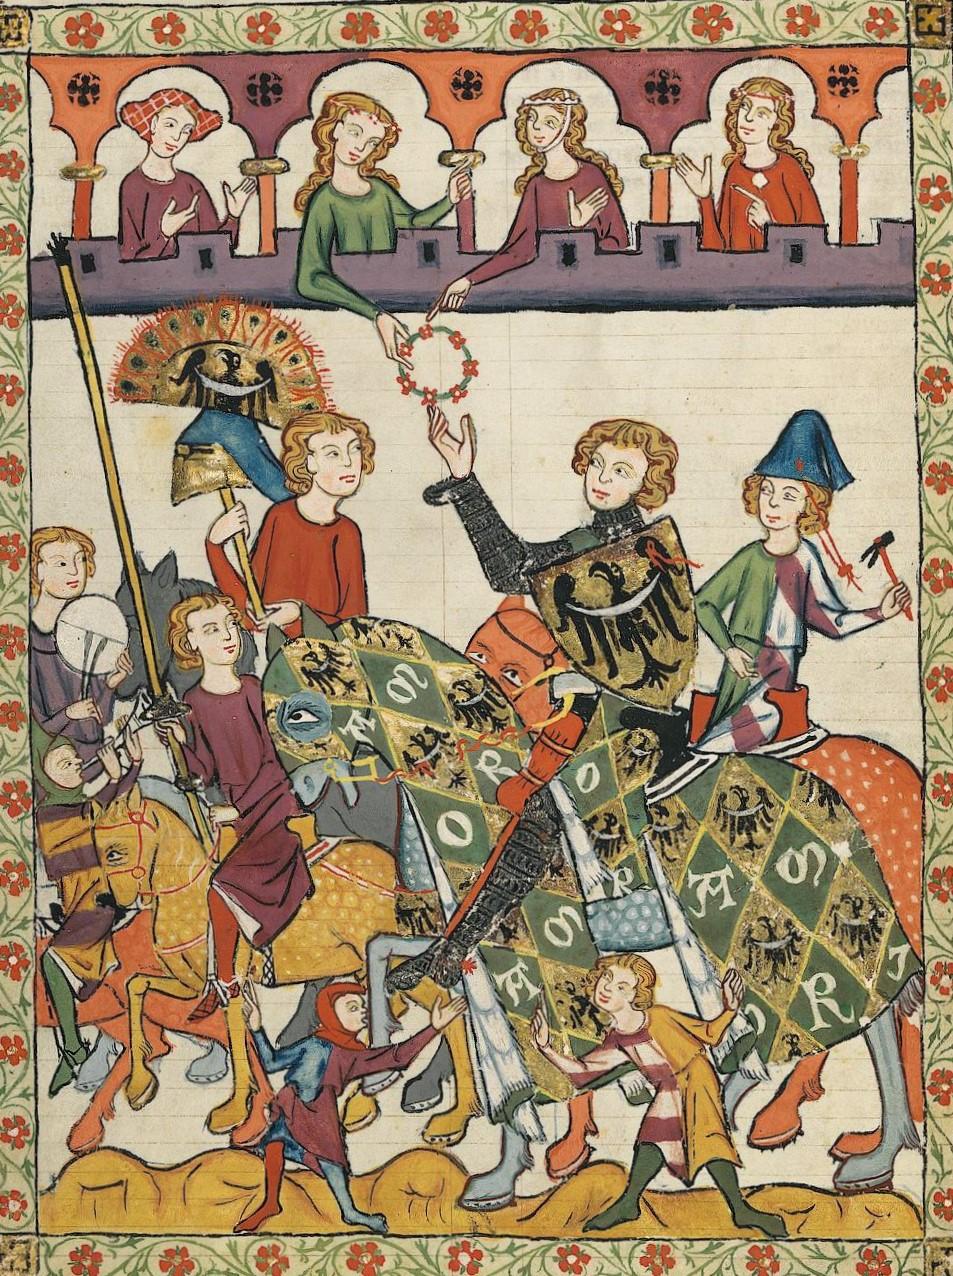 Il mito del cavaliere: Guglielmo il Maresciallo